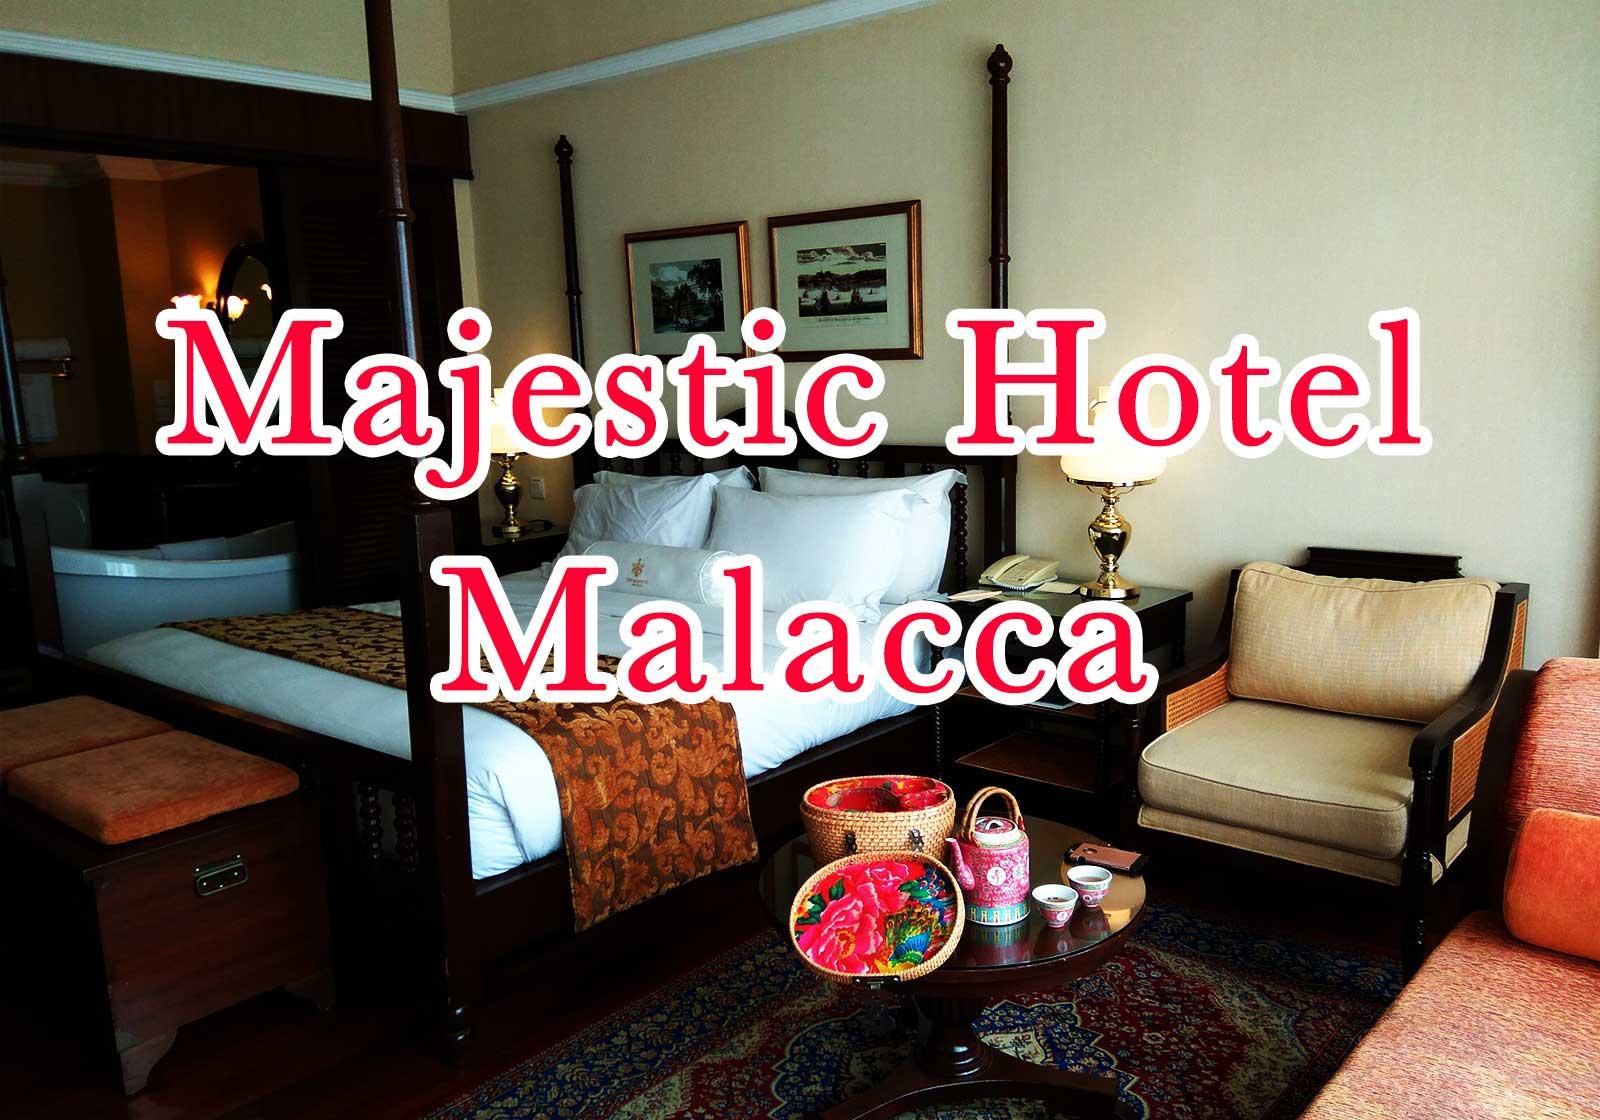 老舗マジェスティックホテル (Majestic Malacca Hotel) が良かったよ!8800円/泊